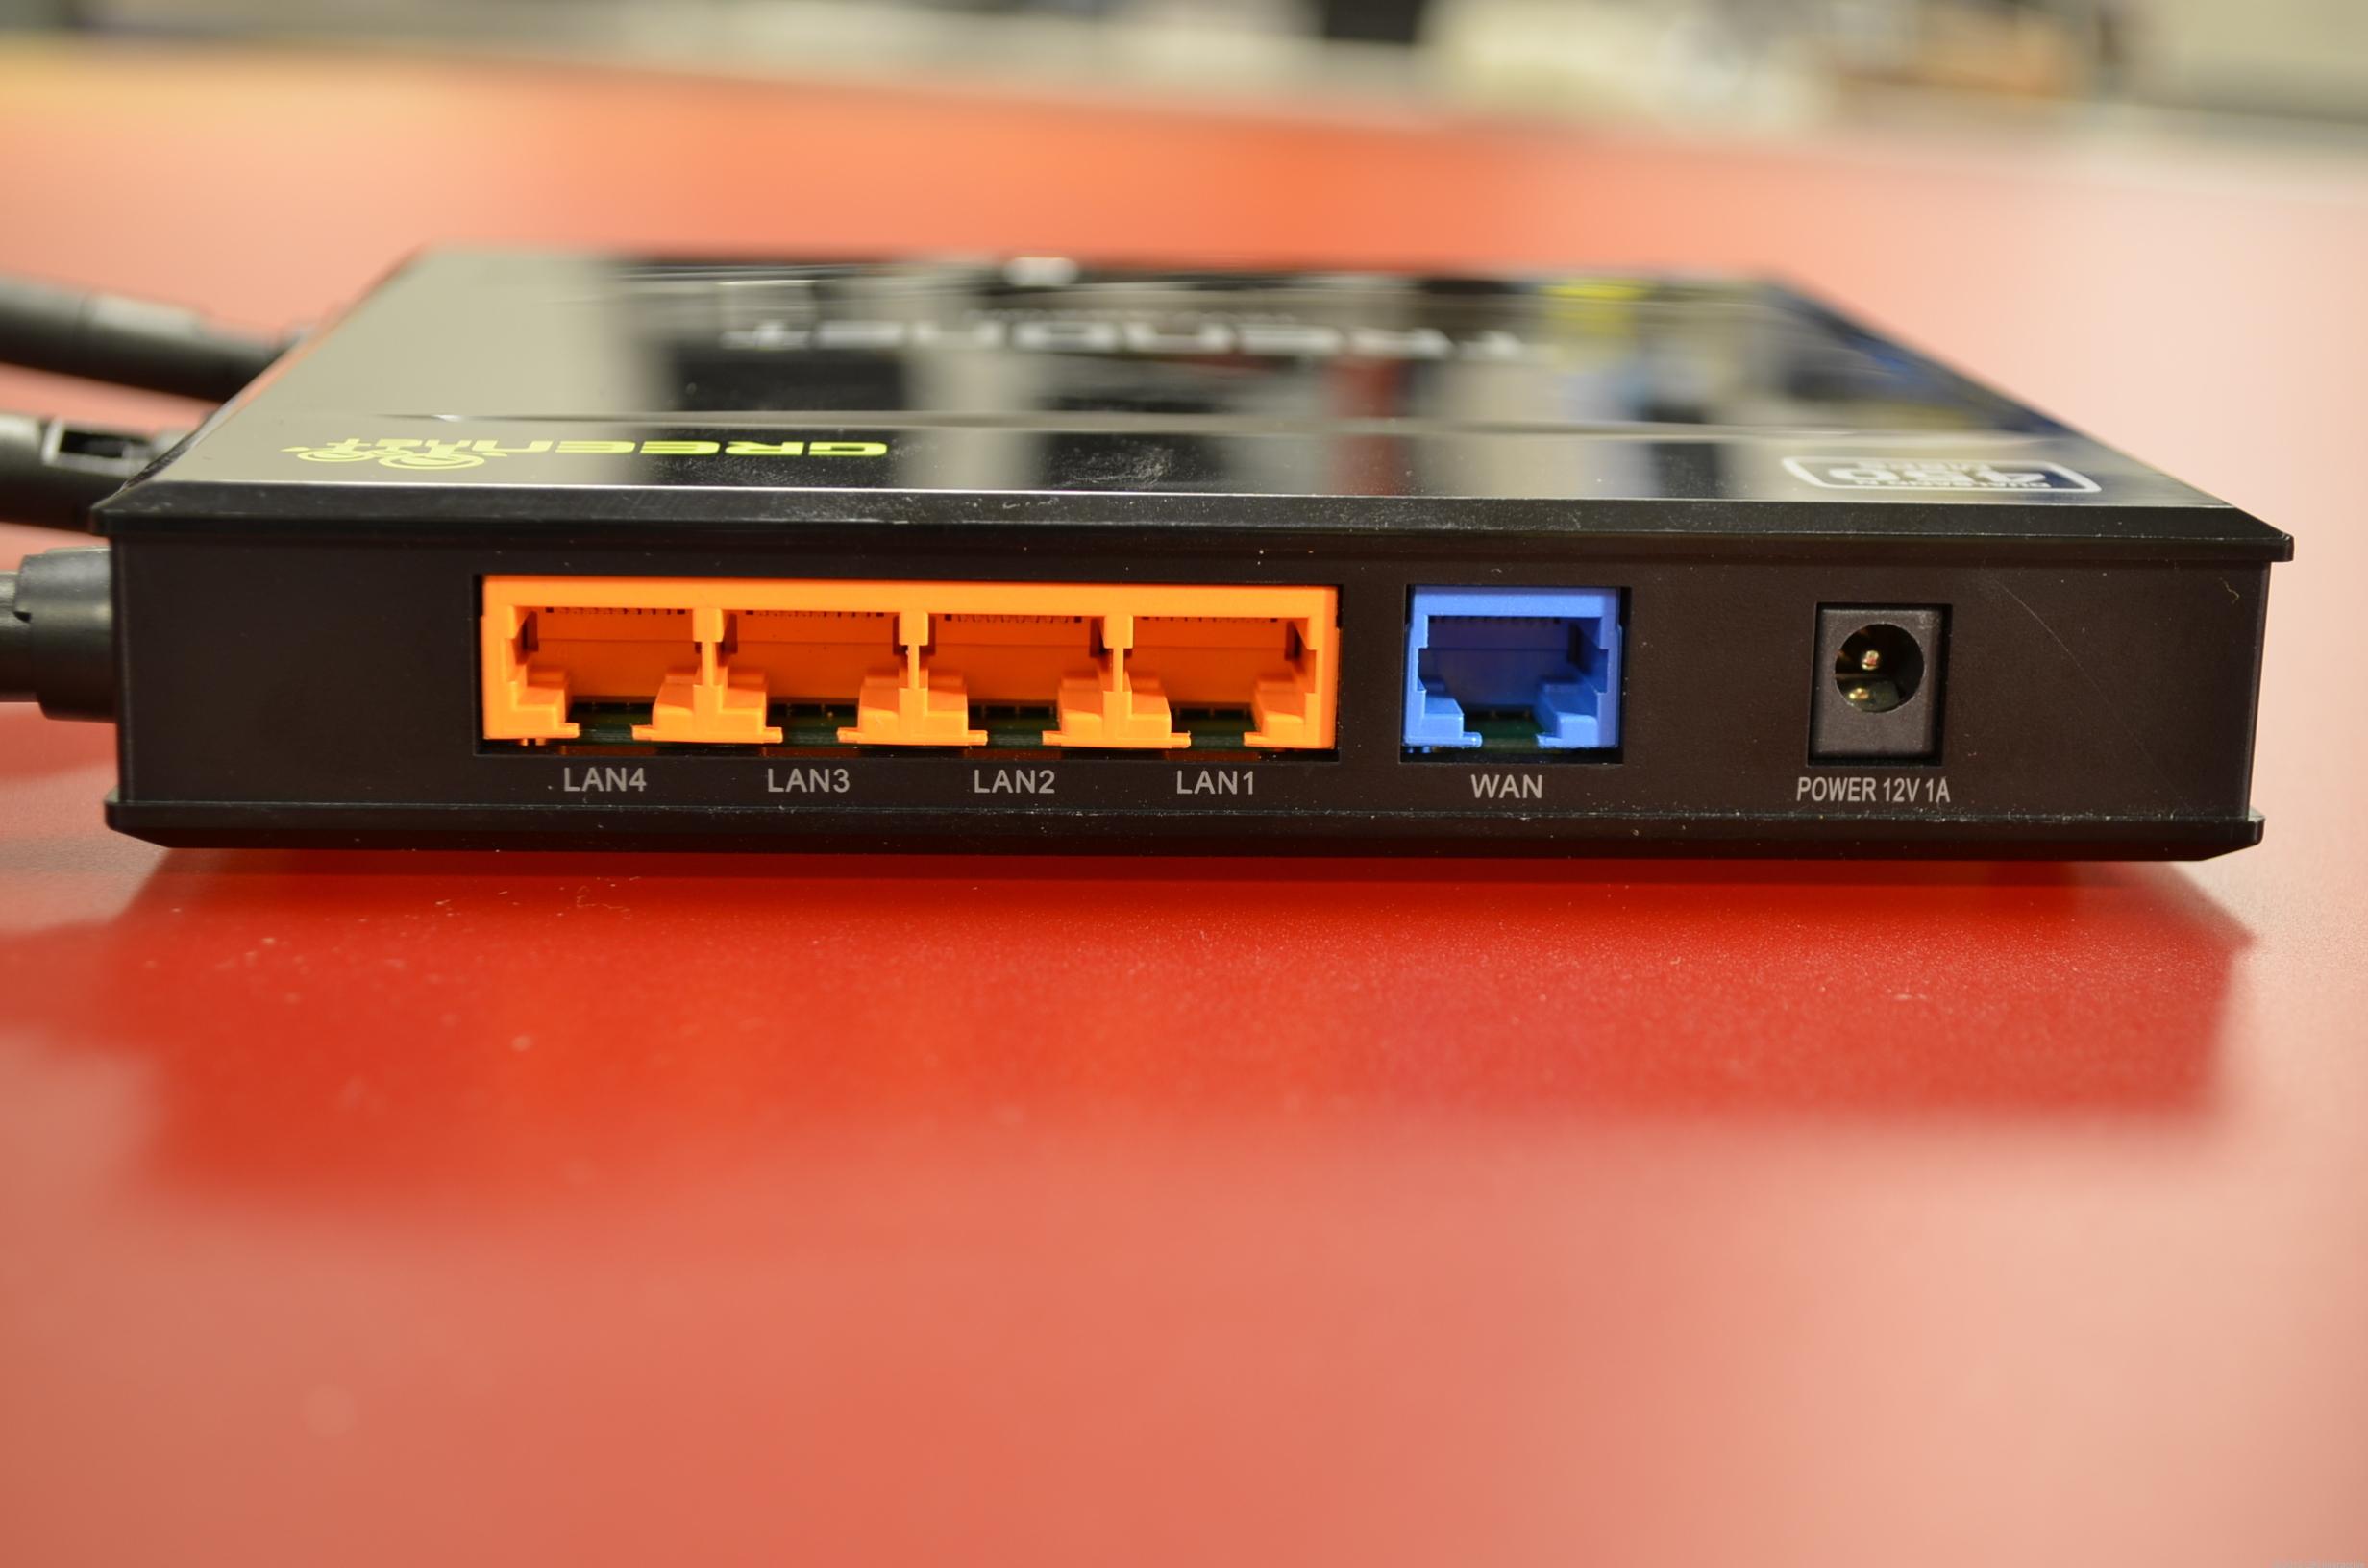 Как подключить wifi роутер к компьютеру